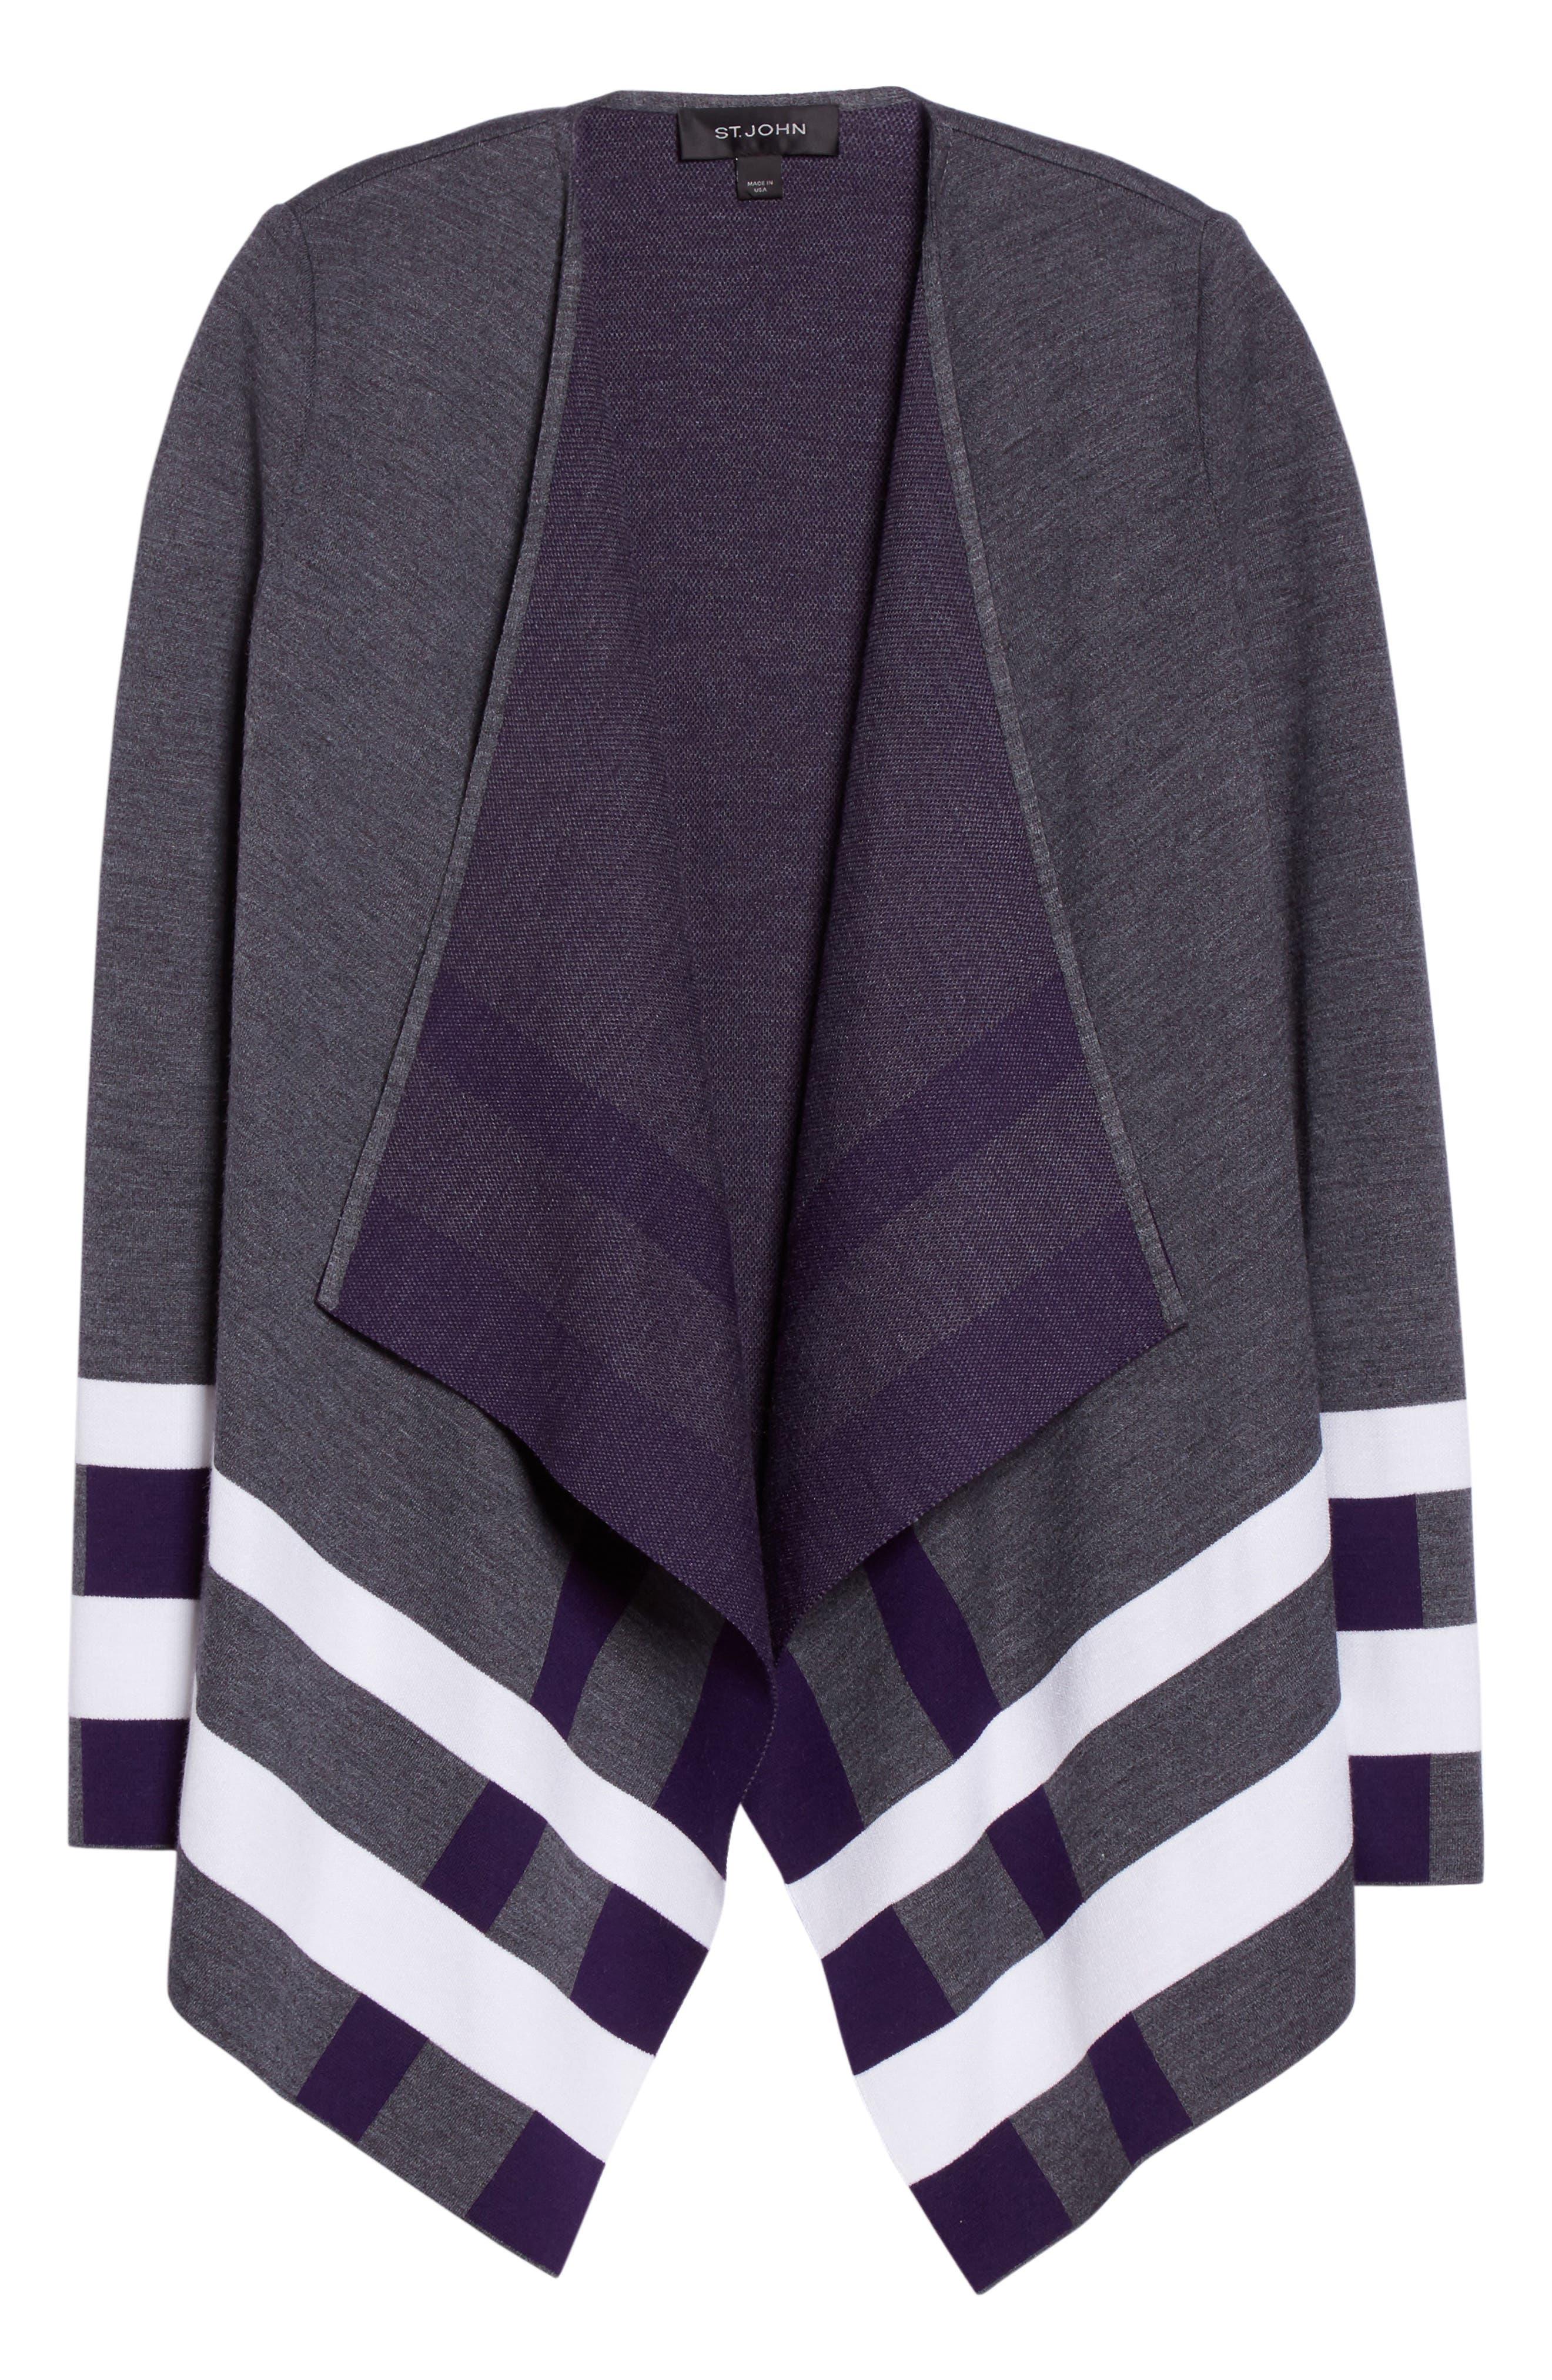 Milano Knit Jacquard Drape Front Jacket,                             Alternate thumbnail 7, color,                             Flint Multi